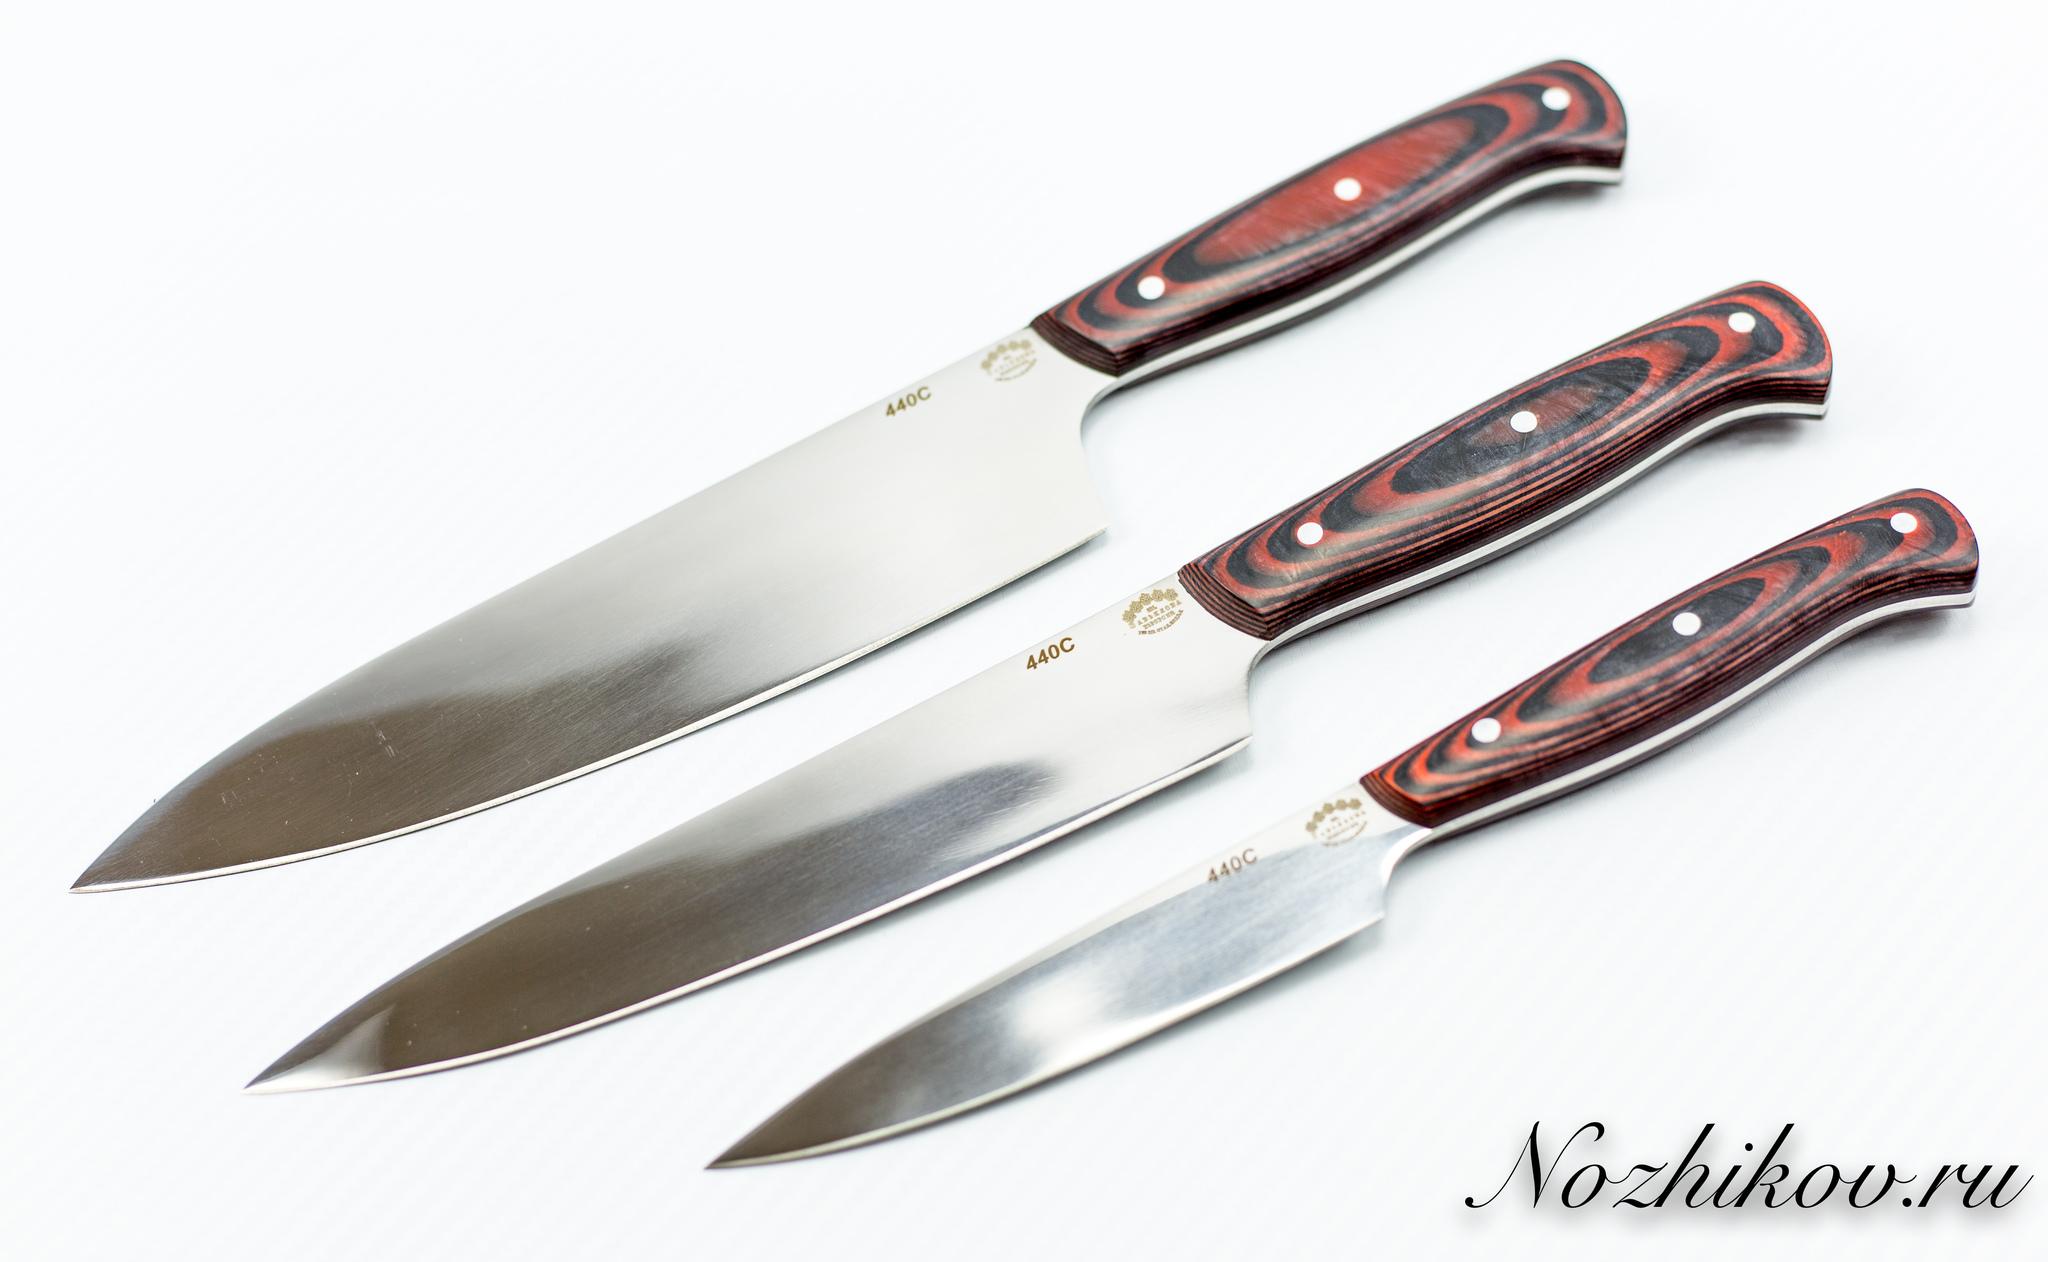 Фото 4 - Набор ножей для кухни, сталь 440С ручка микарта от Кузница Завьялова